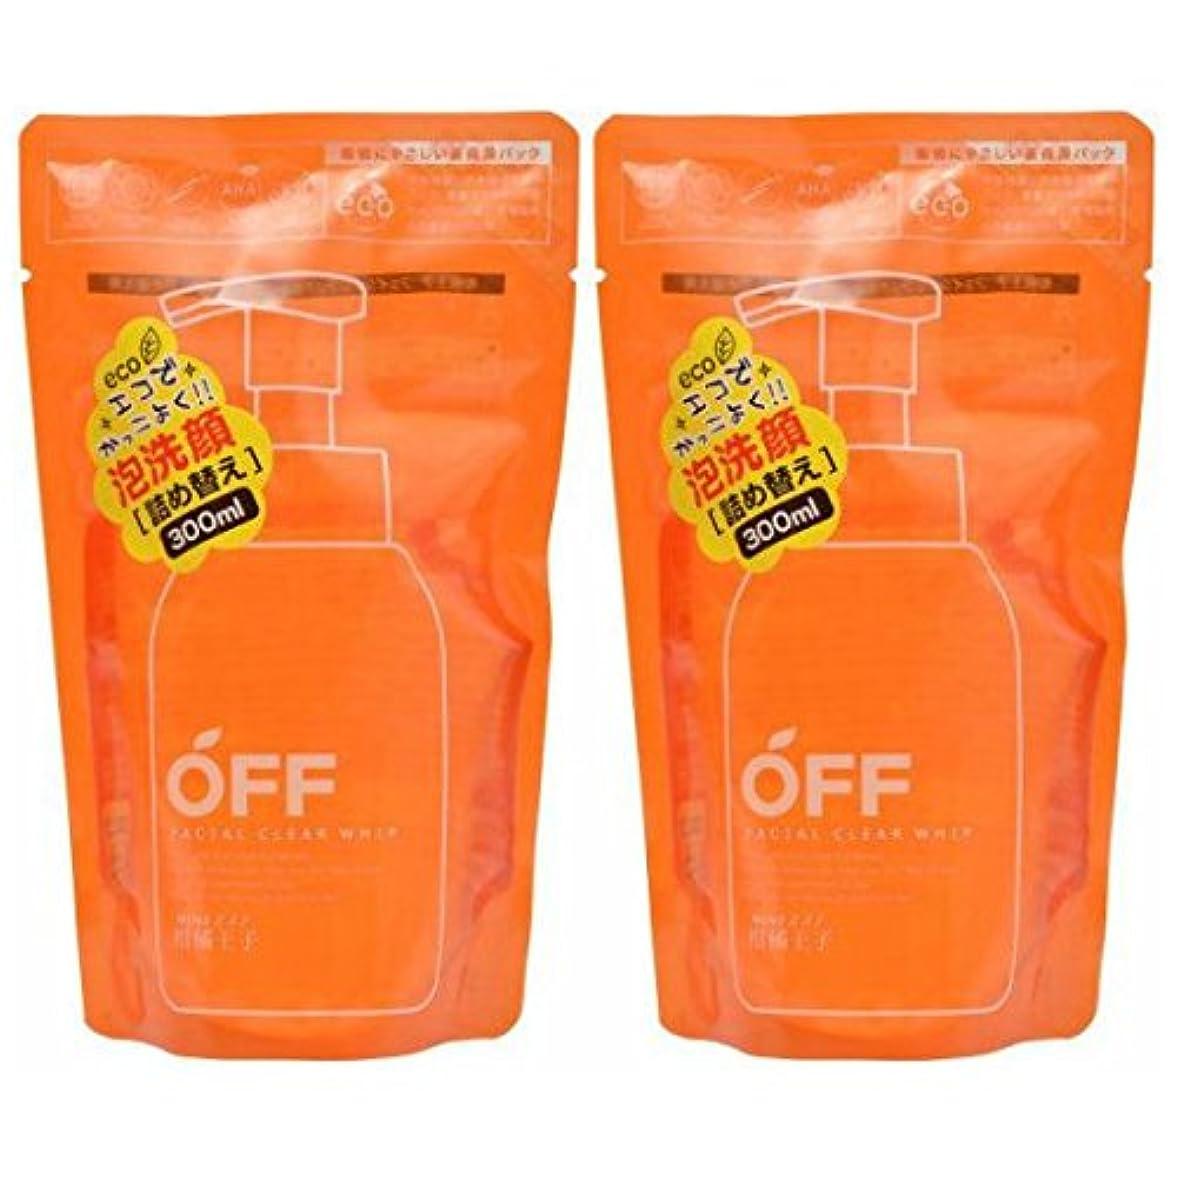 請求弾薬溢れんばかりの柑橘王子 フェイシャルクリアホイップN レフィル 300ml ×2セット